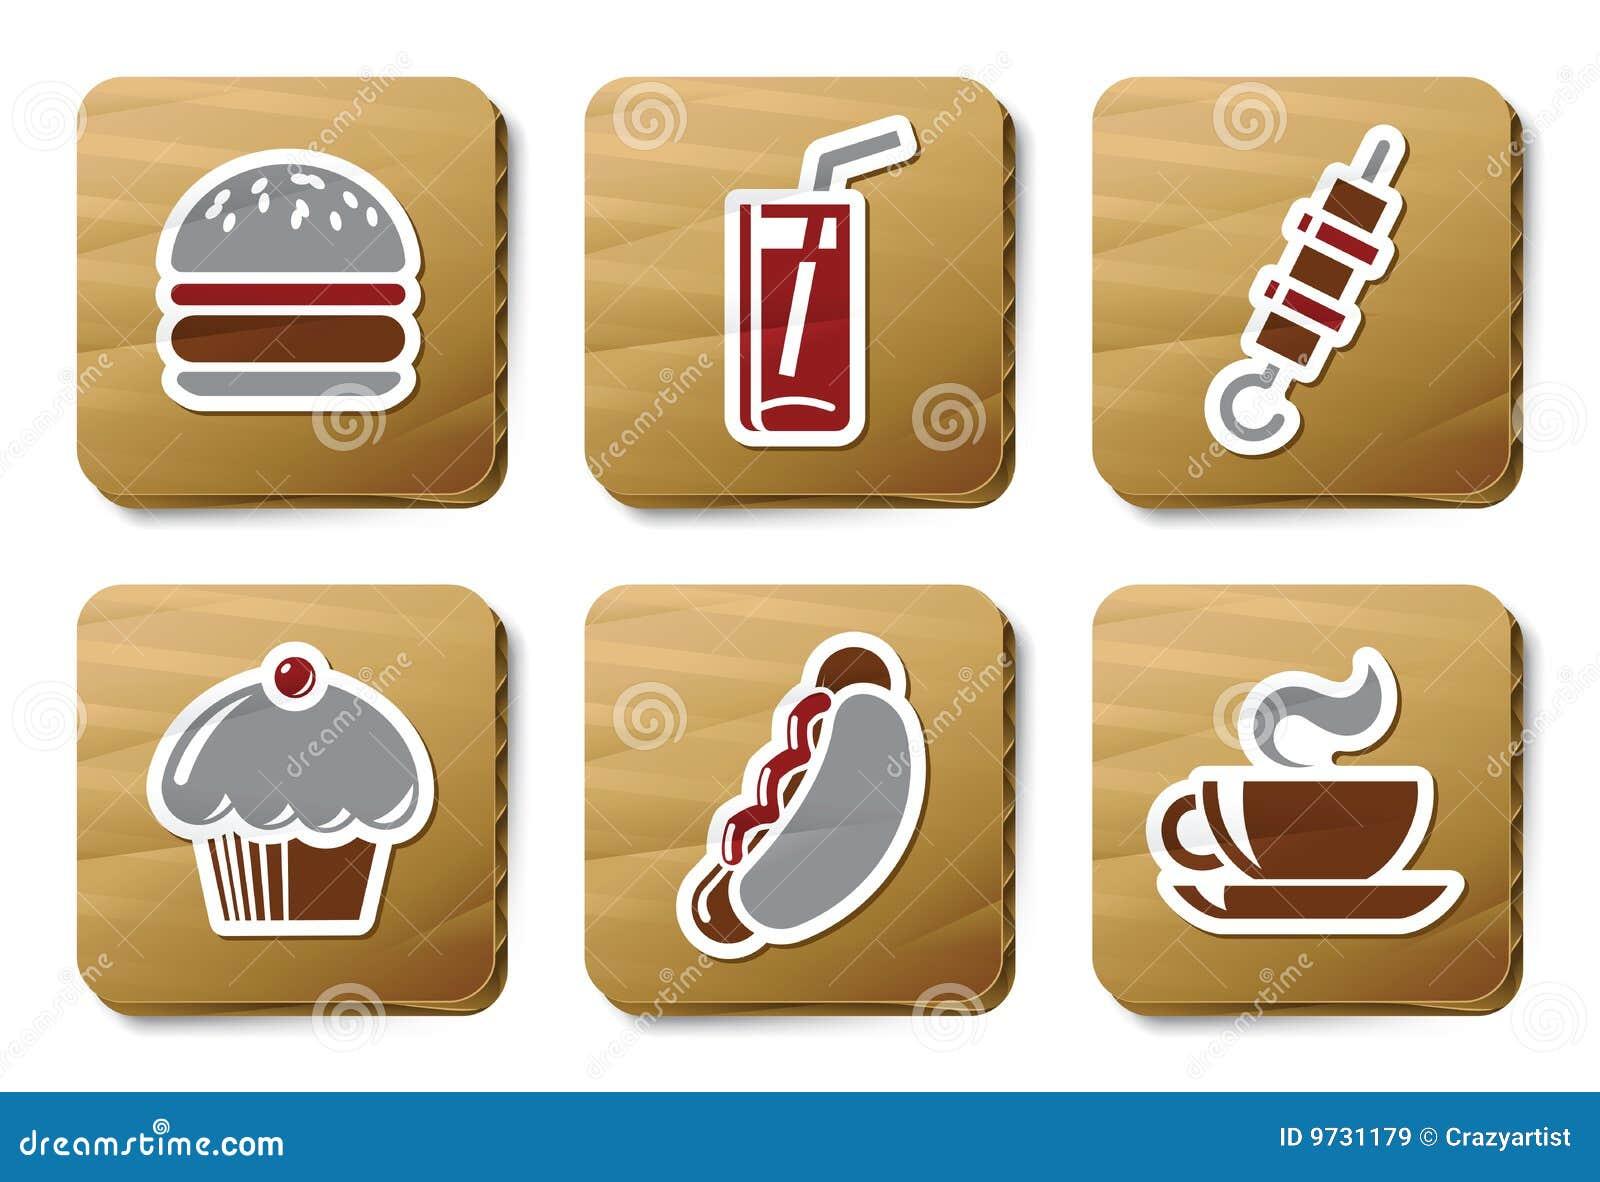 纸板快餐图标系列